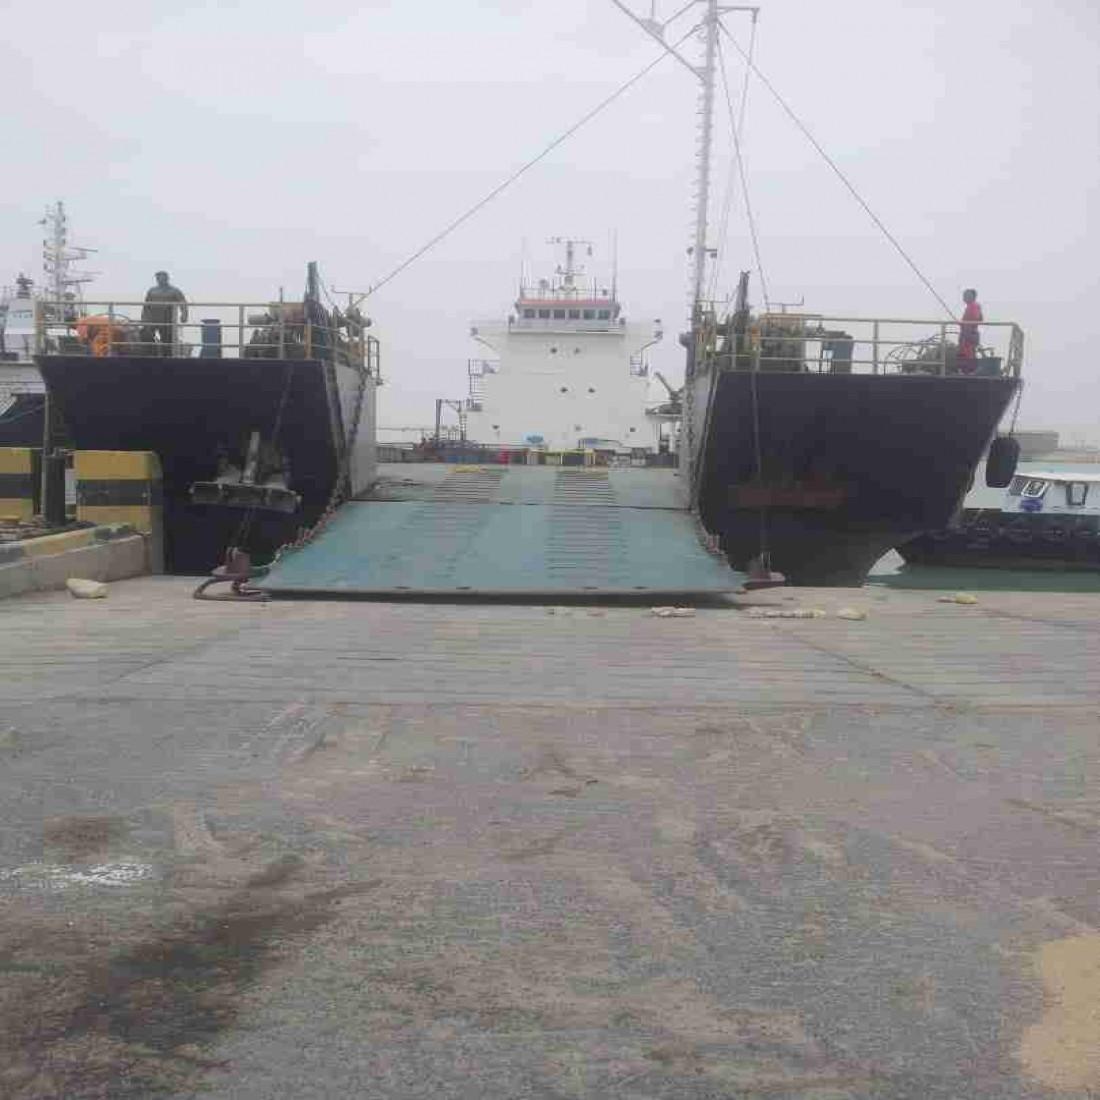 ترخیص وحمل و نقل دریایی به قطر و کویت